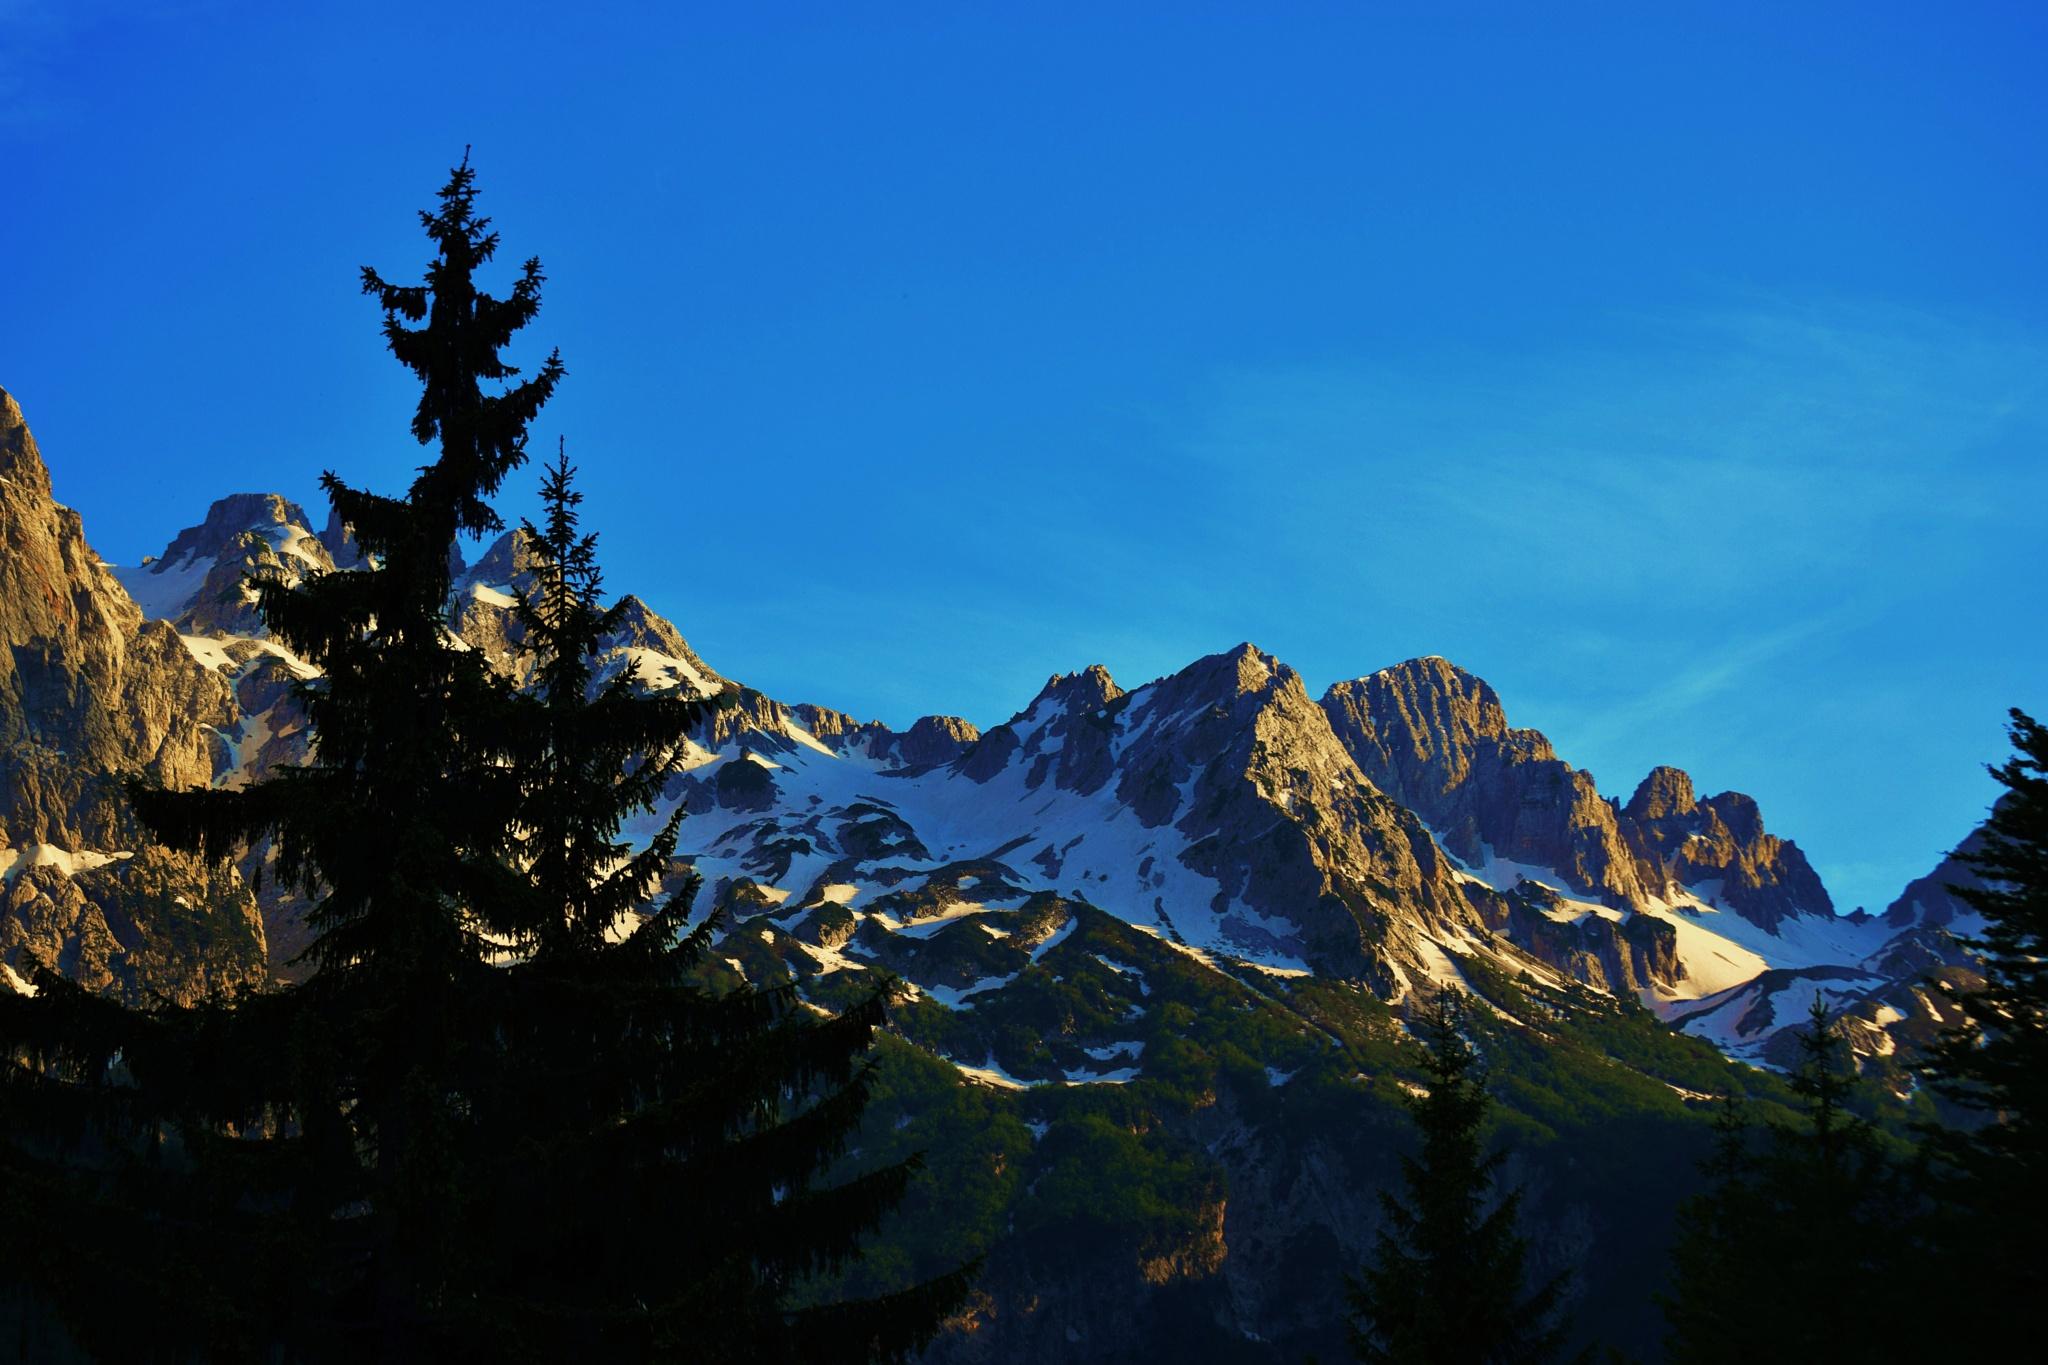 Landscape by petrit.grezda